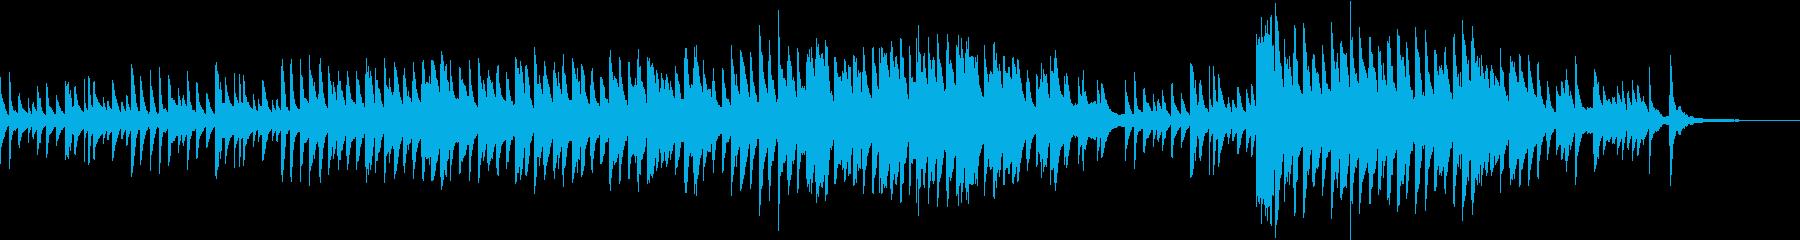 夜道を歩く時に流れるピアノソロ(H)の再生済みの波形